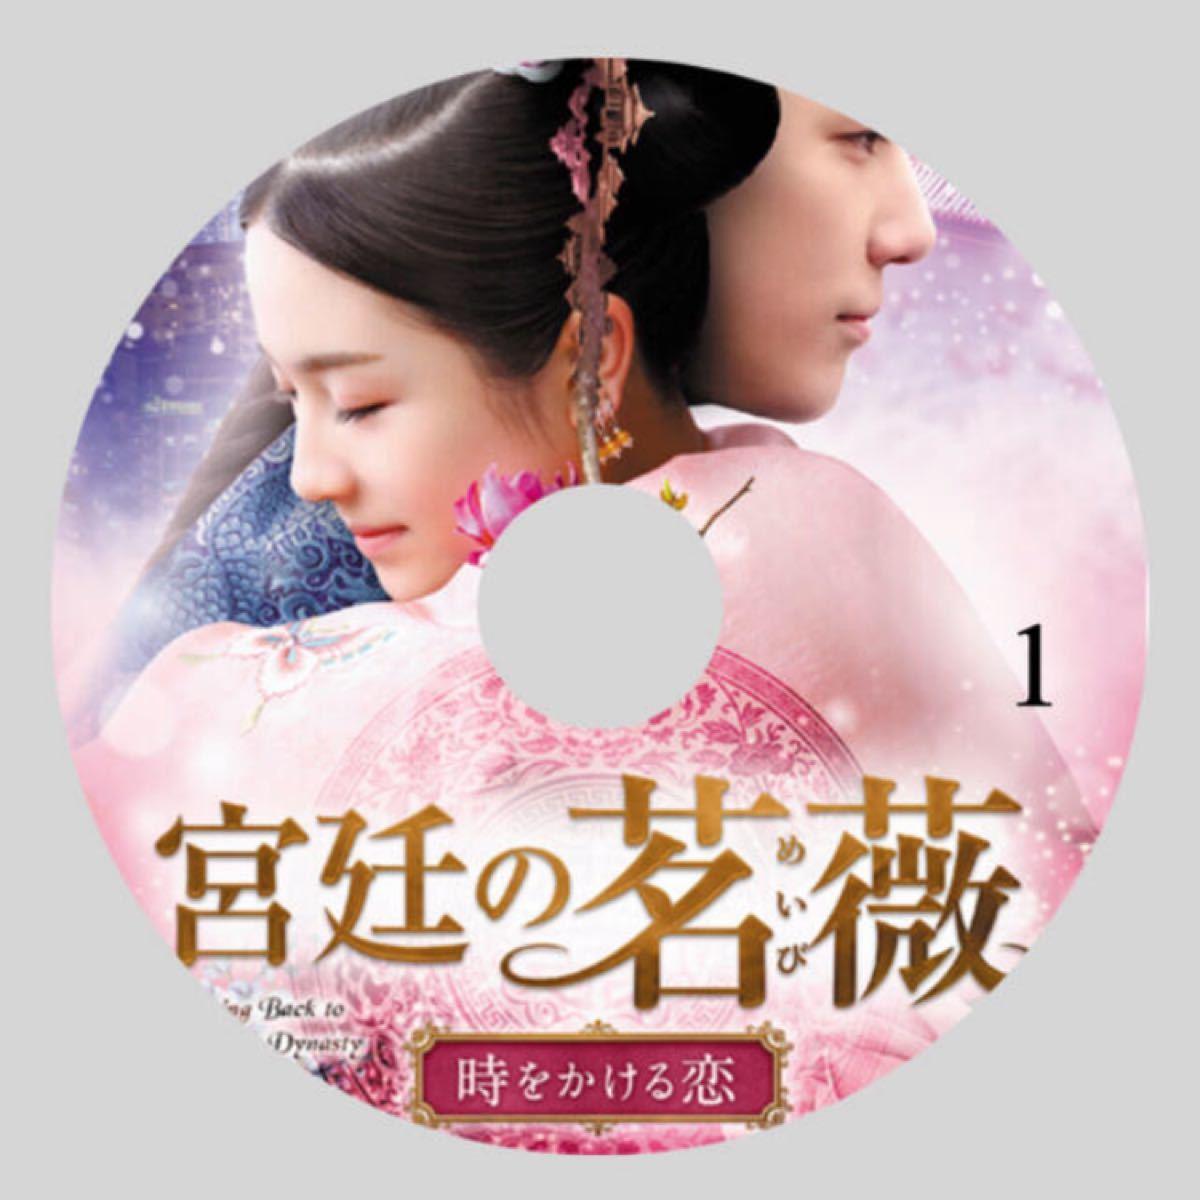 中国ドラマ 宮廷の茗微 Blu-ray